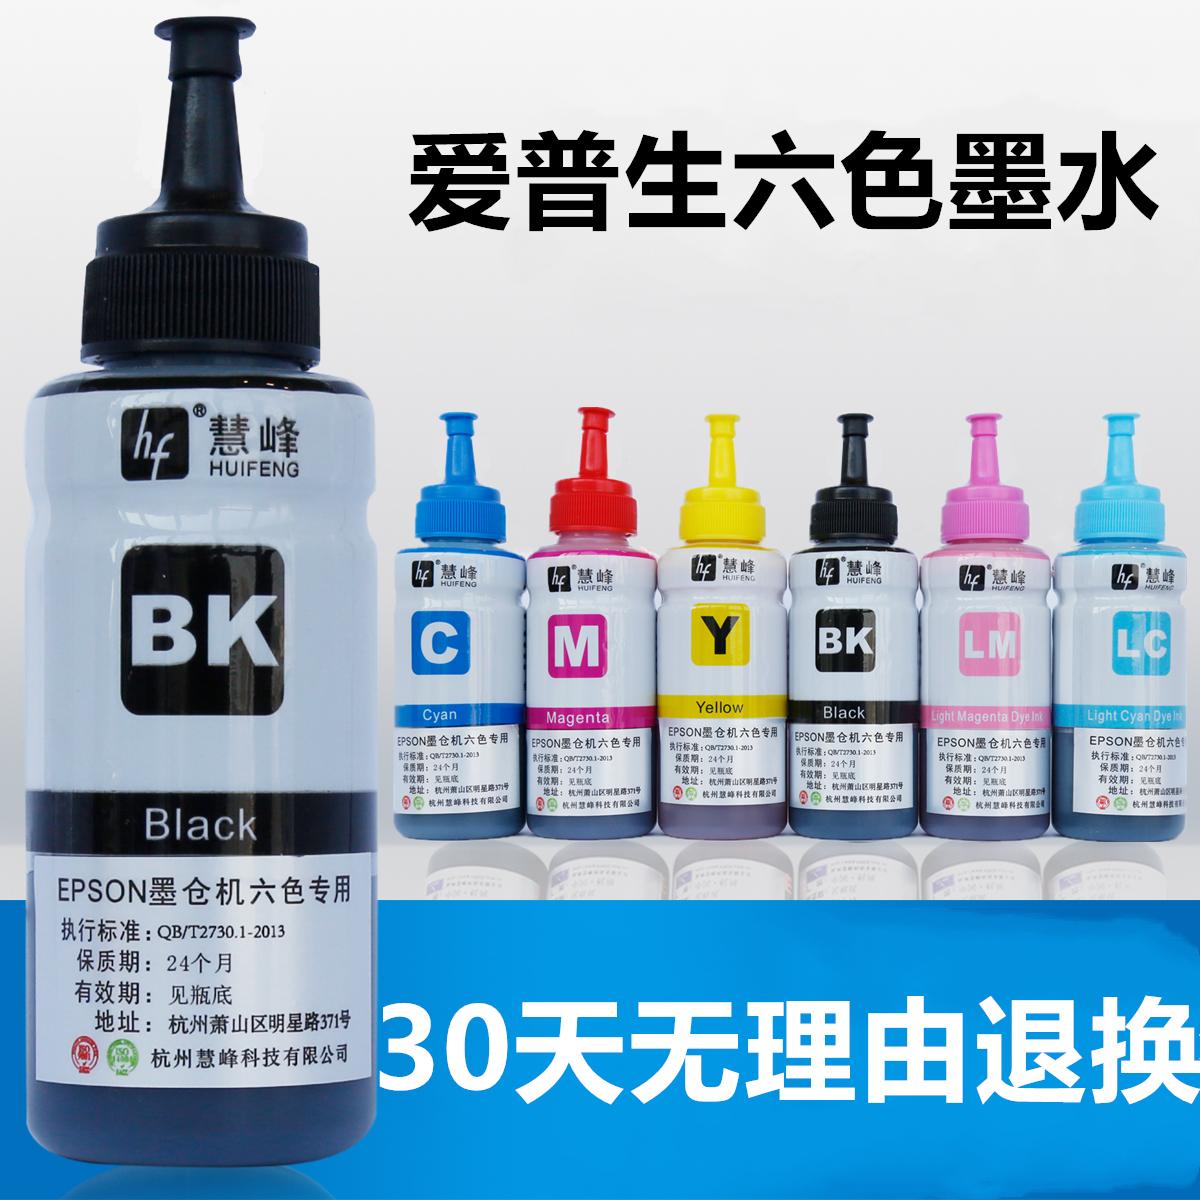 慧峰 适用epson彩色喷墨打印机墨水 爱普生l805墨水 l1800 l850 L801 L180 T6741墨水 六色连供R330 R230墨水